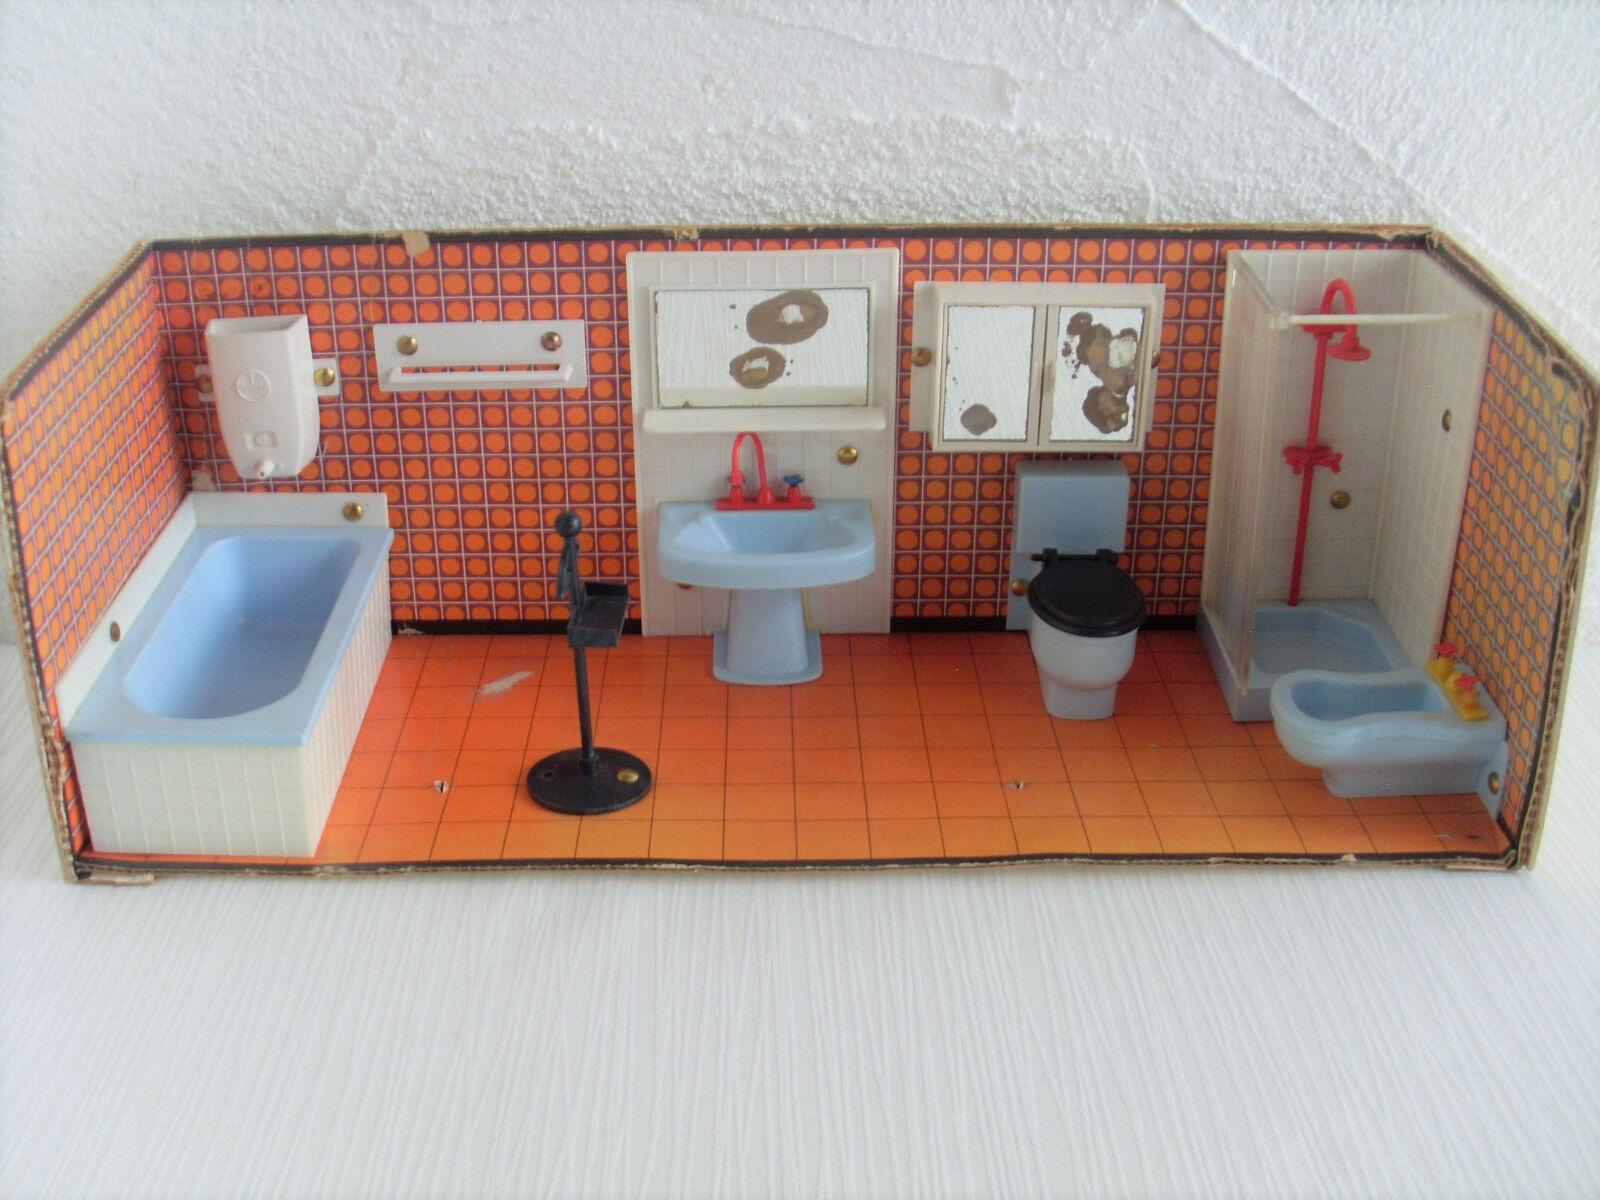 Badezimmer Modella Puppenhaus Puppenstube 70er Jahre Puppenmöbel